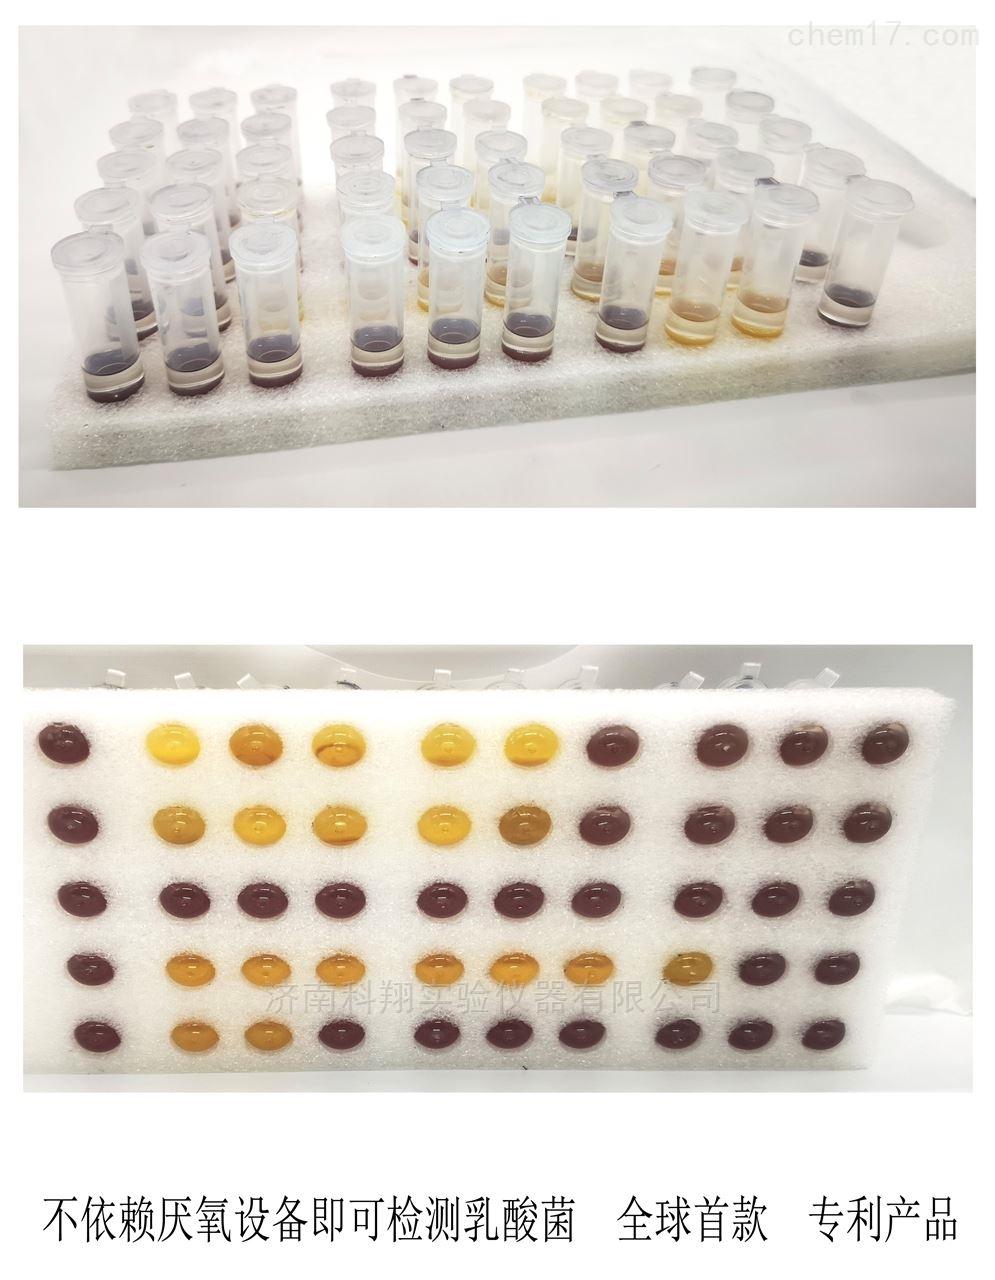 酸奶奶制品保健品乳酸菌快速检测试剂盒